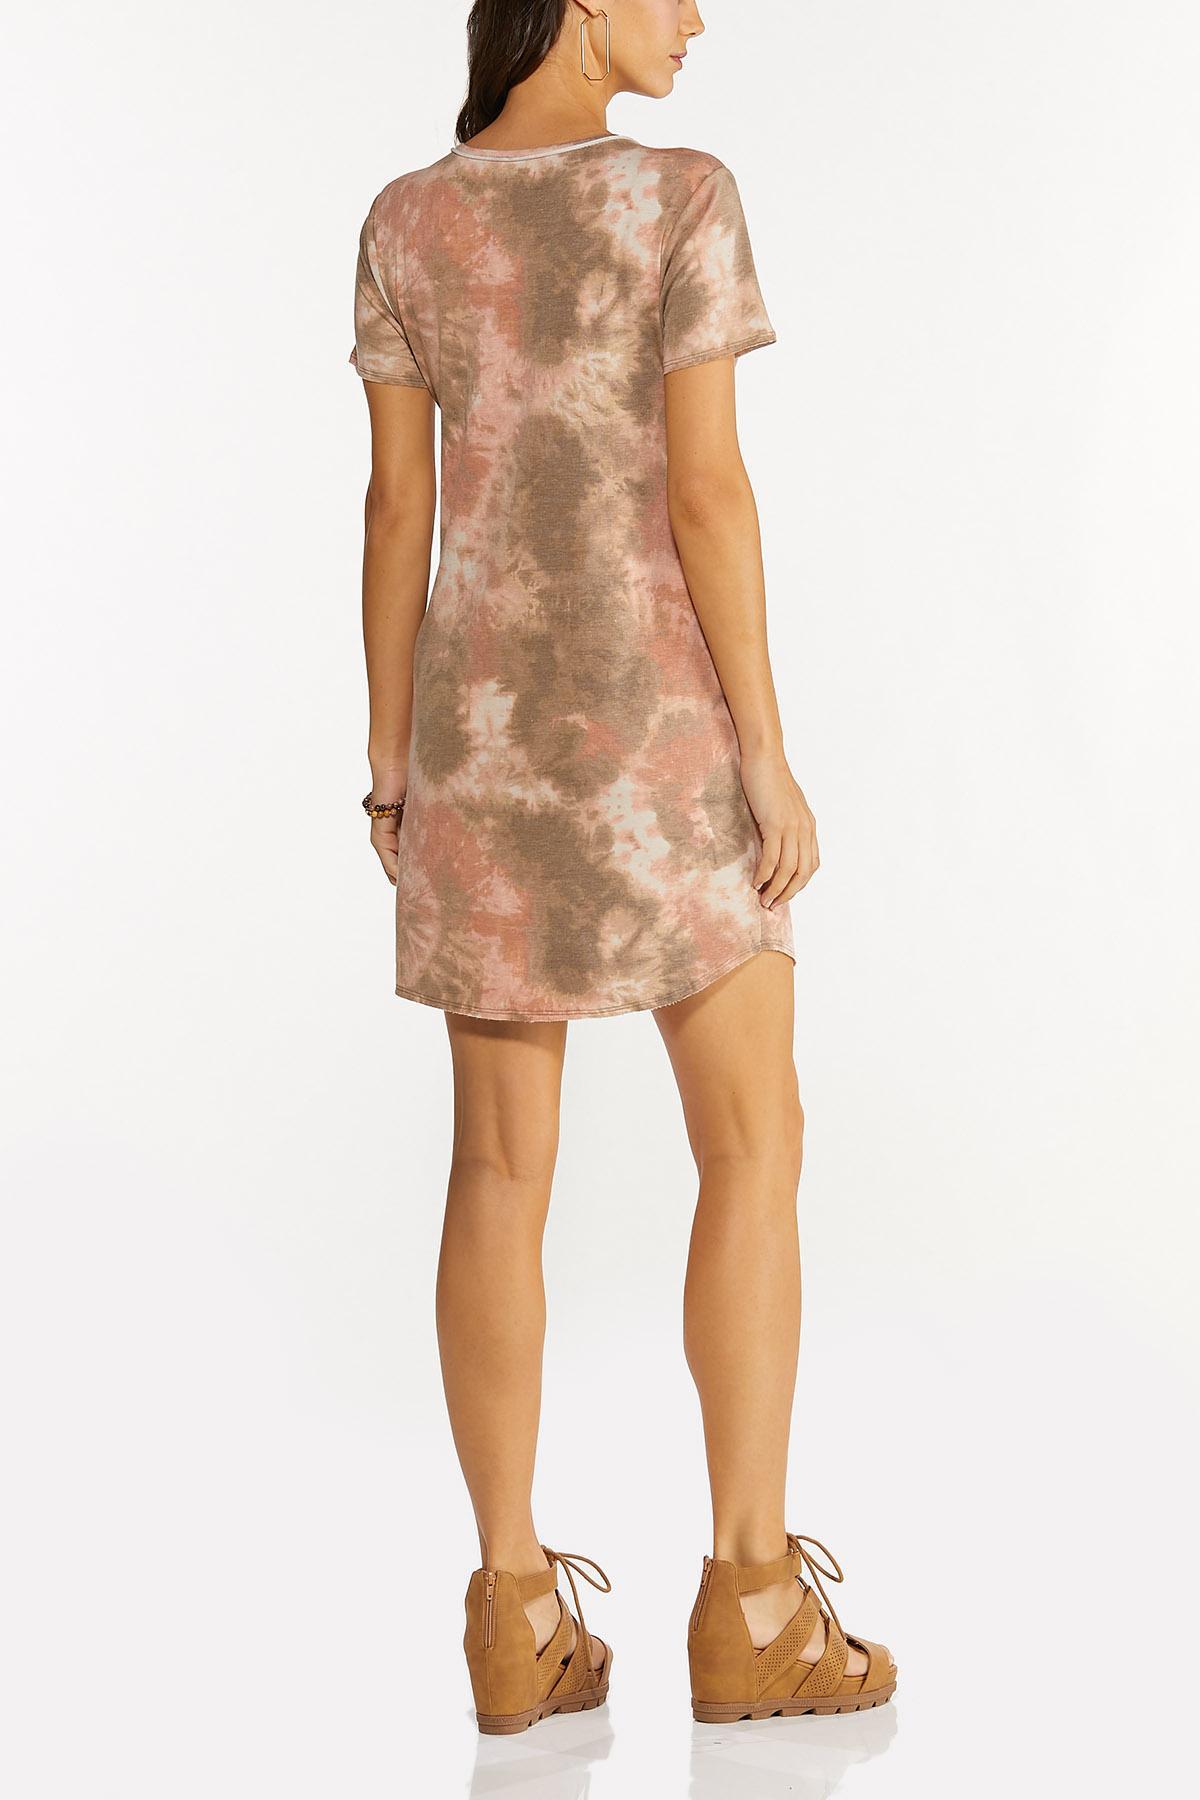 Plus Size Blush Dye French Terry Dress (Item #44678072)